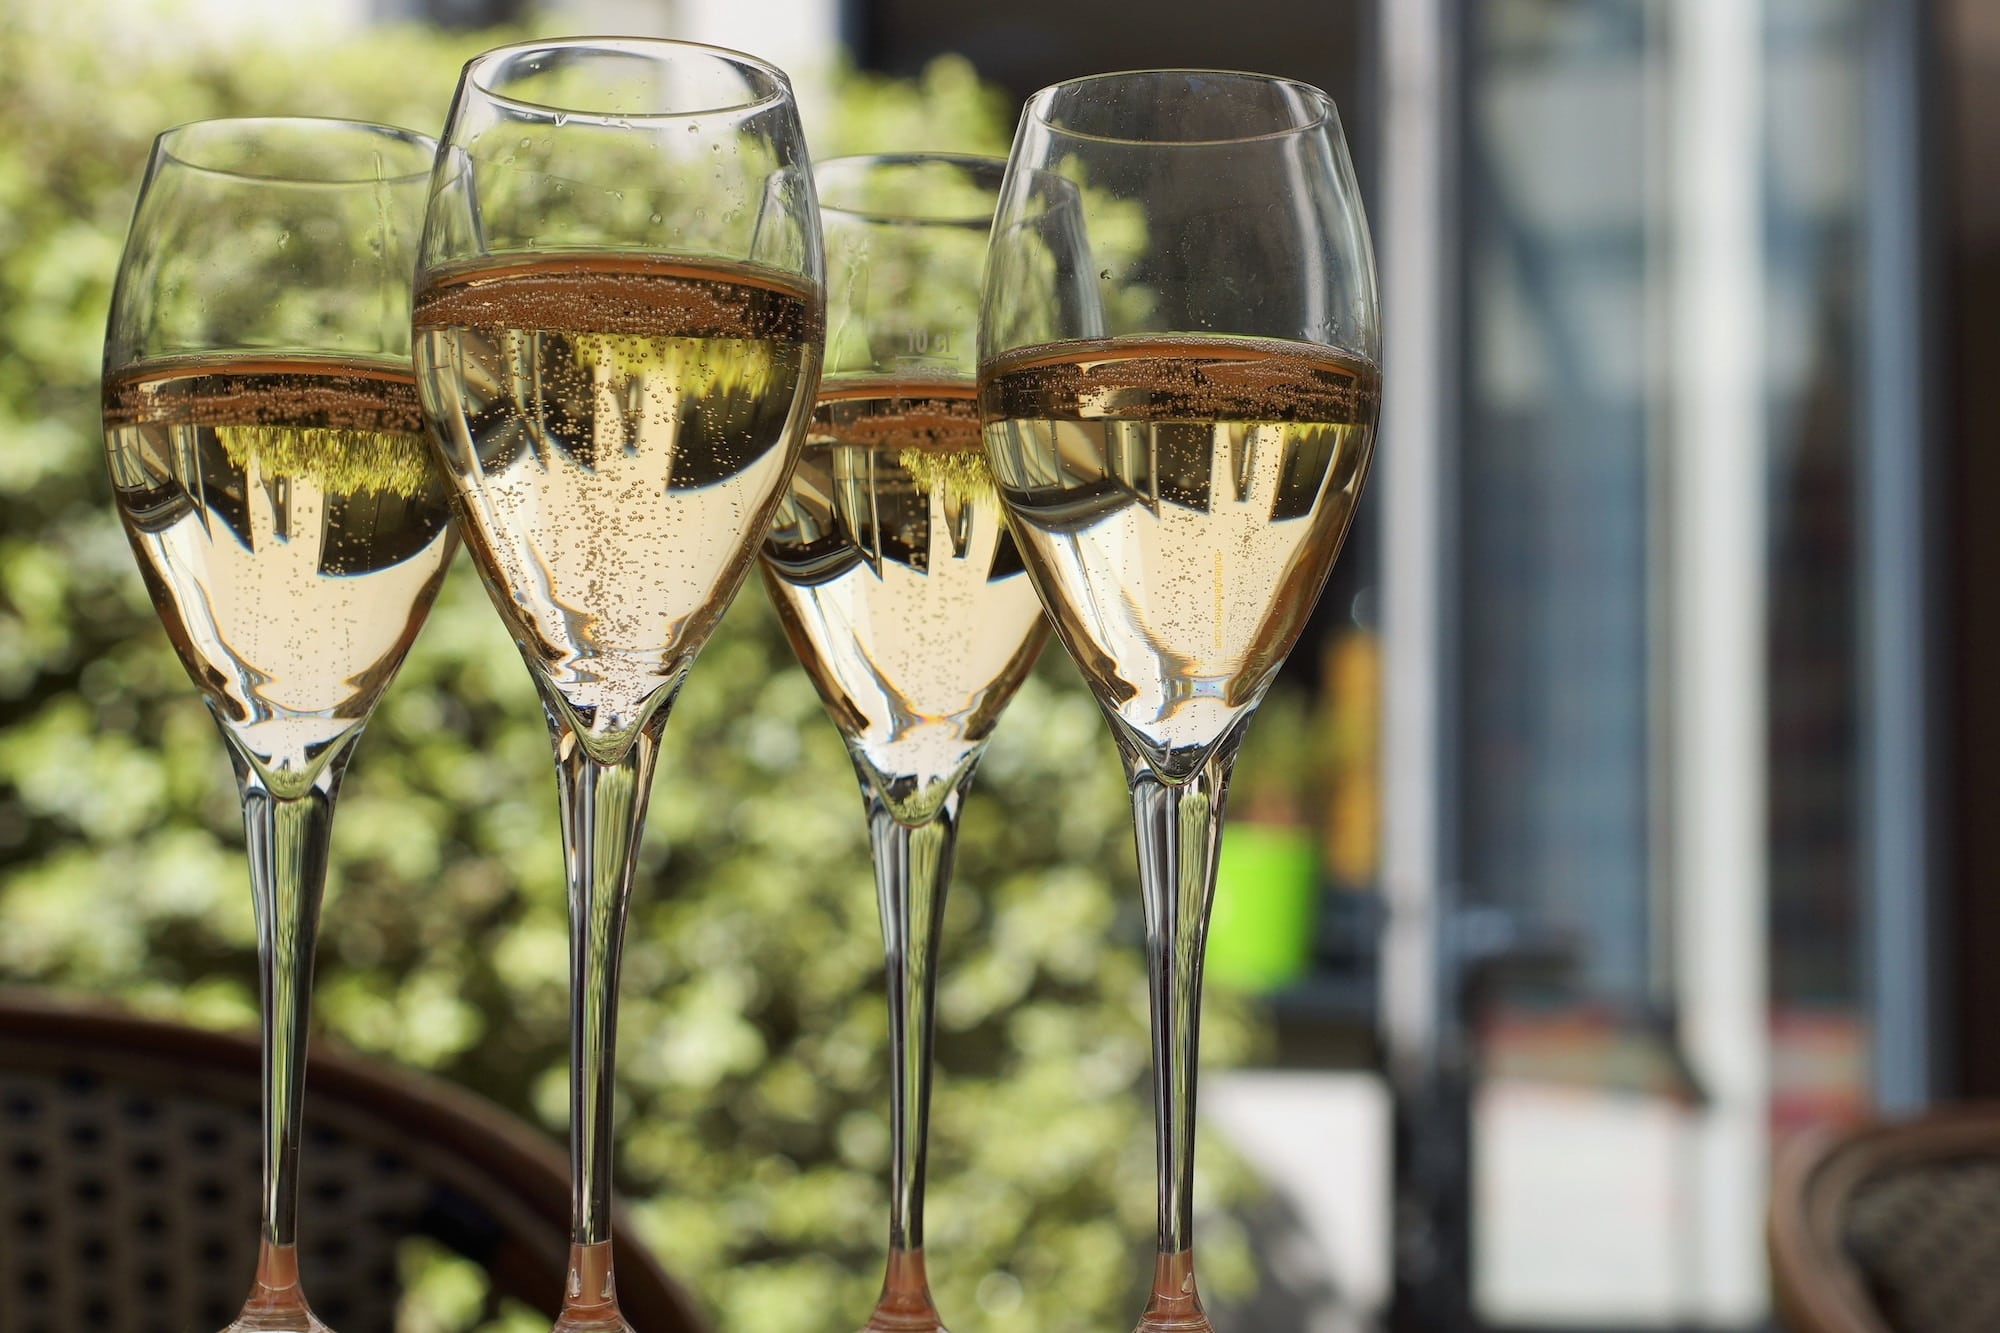 Miraflores Sparkling Wine